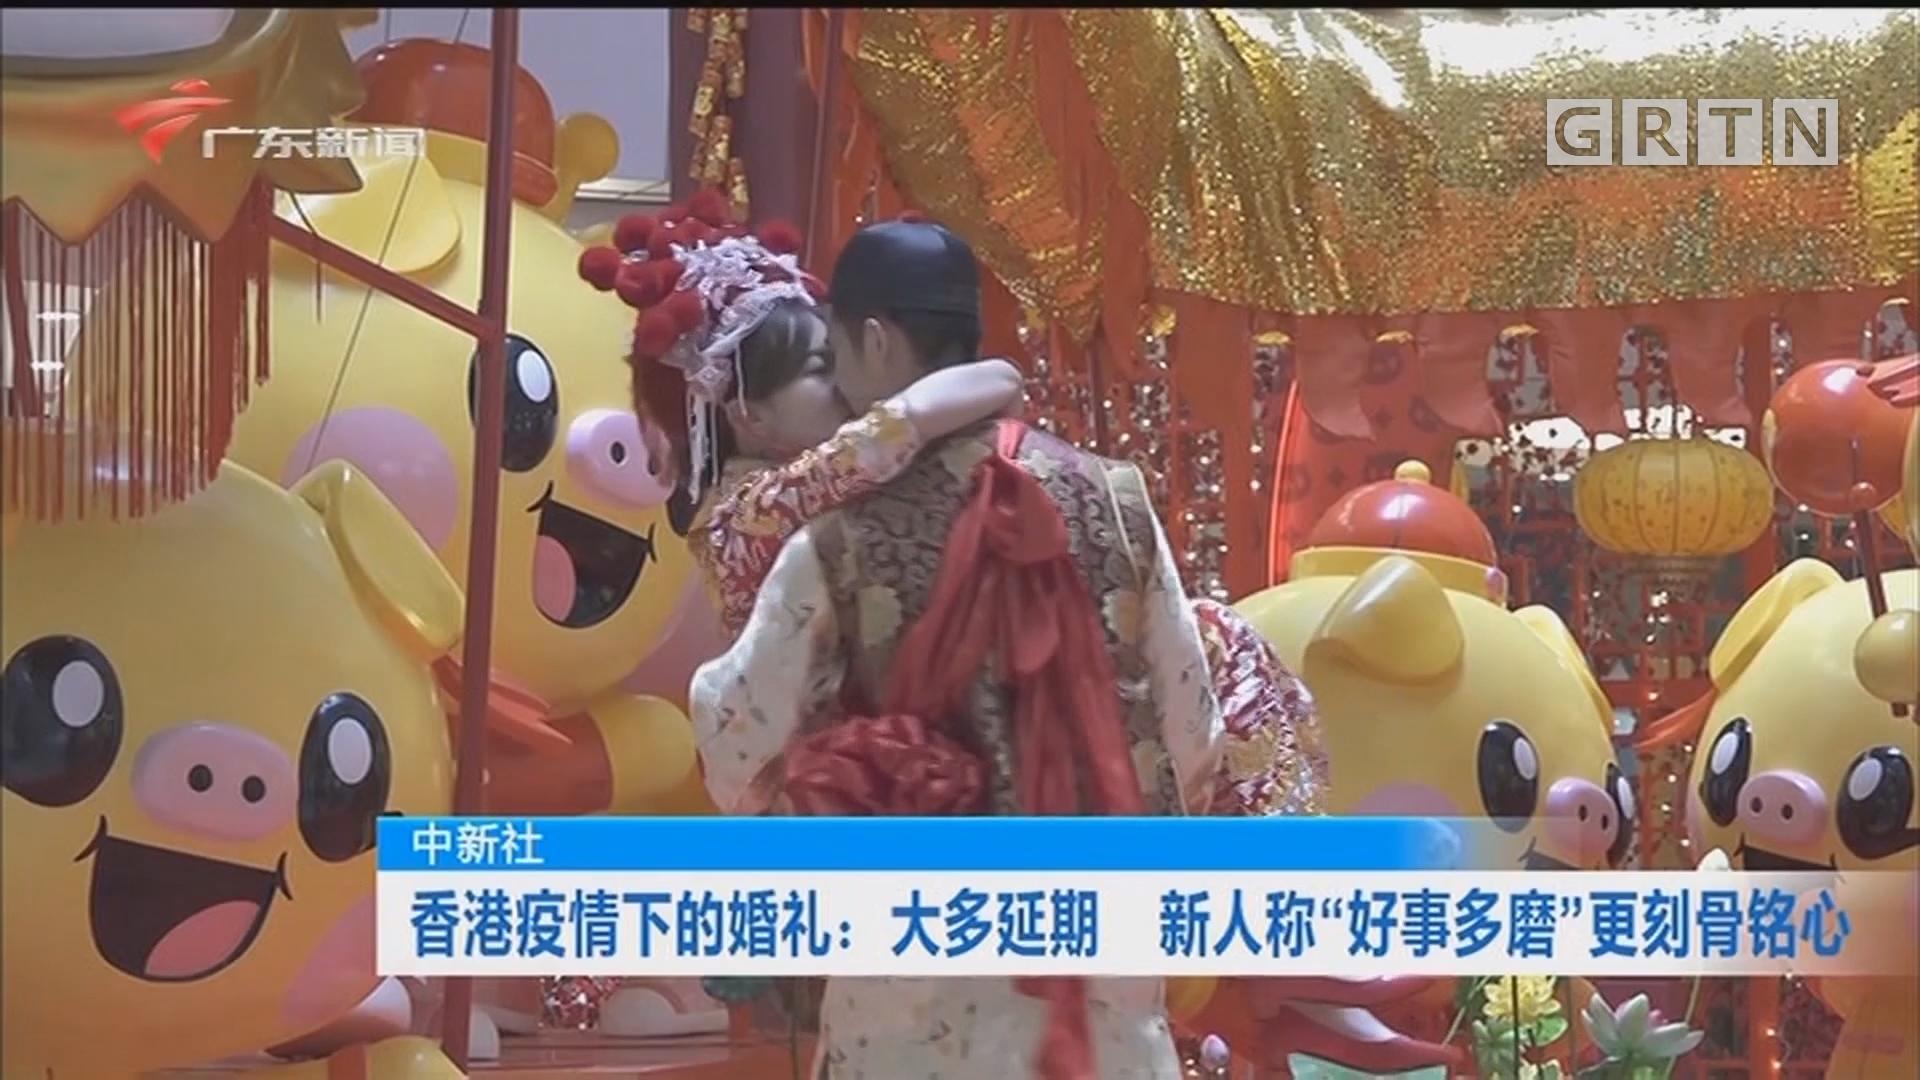 """中新社 香港疫情下的婚礼:大多延期 新人称""""好事多磨""""更刻骨铭心"""